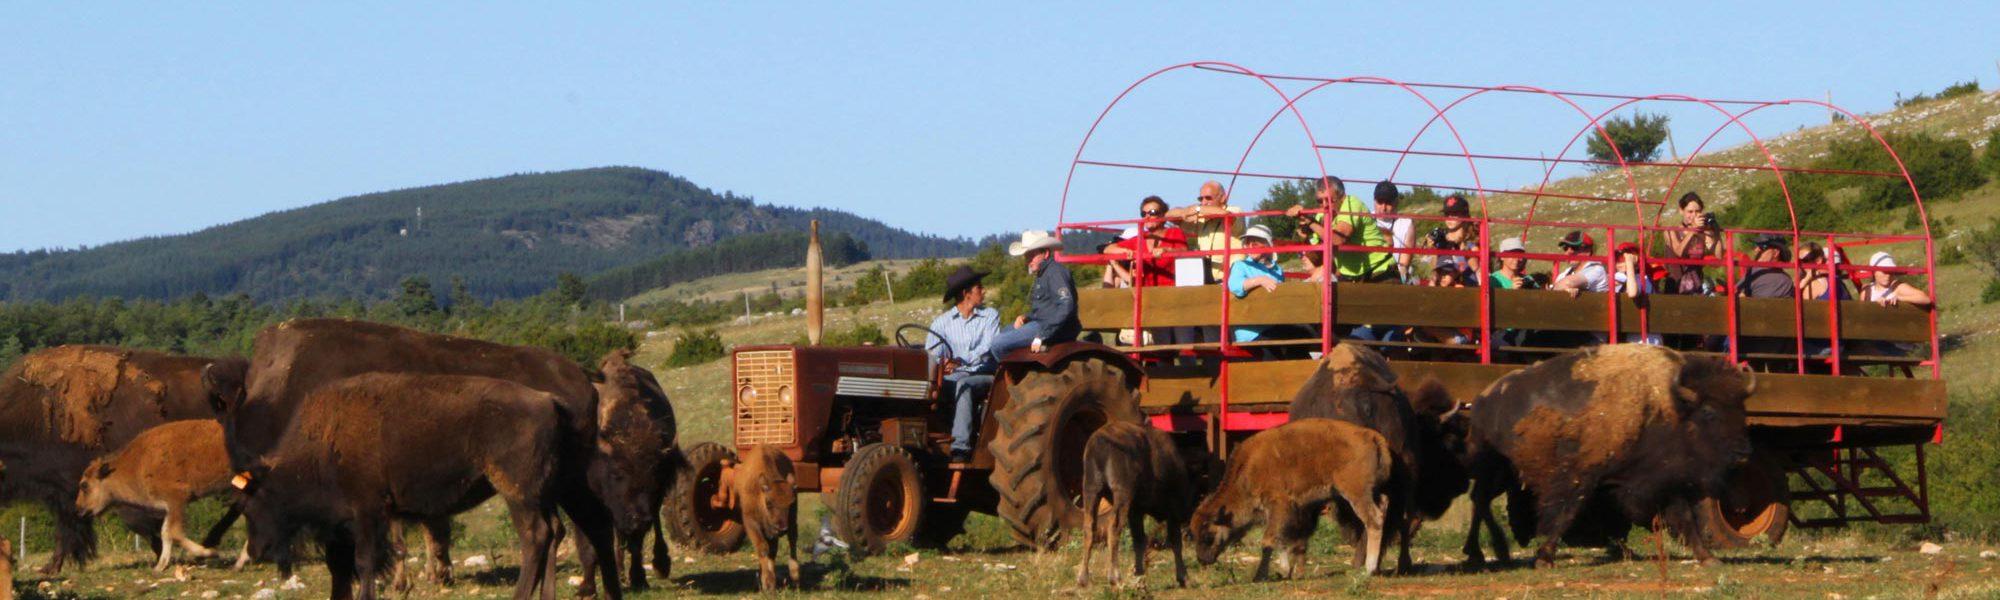 s-chariot-nathan